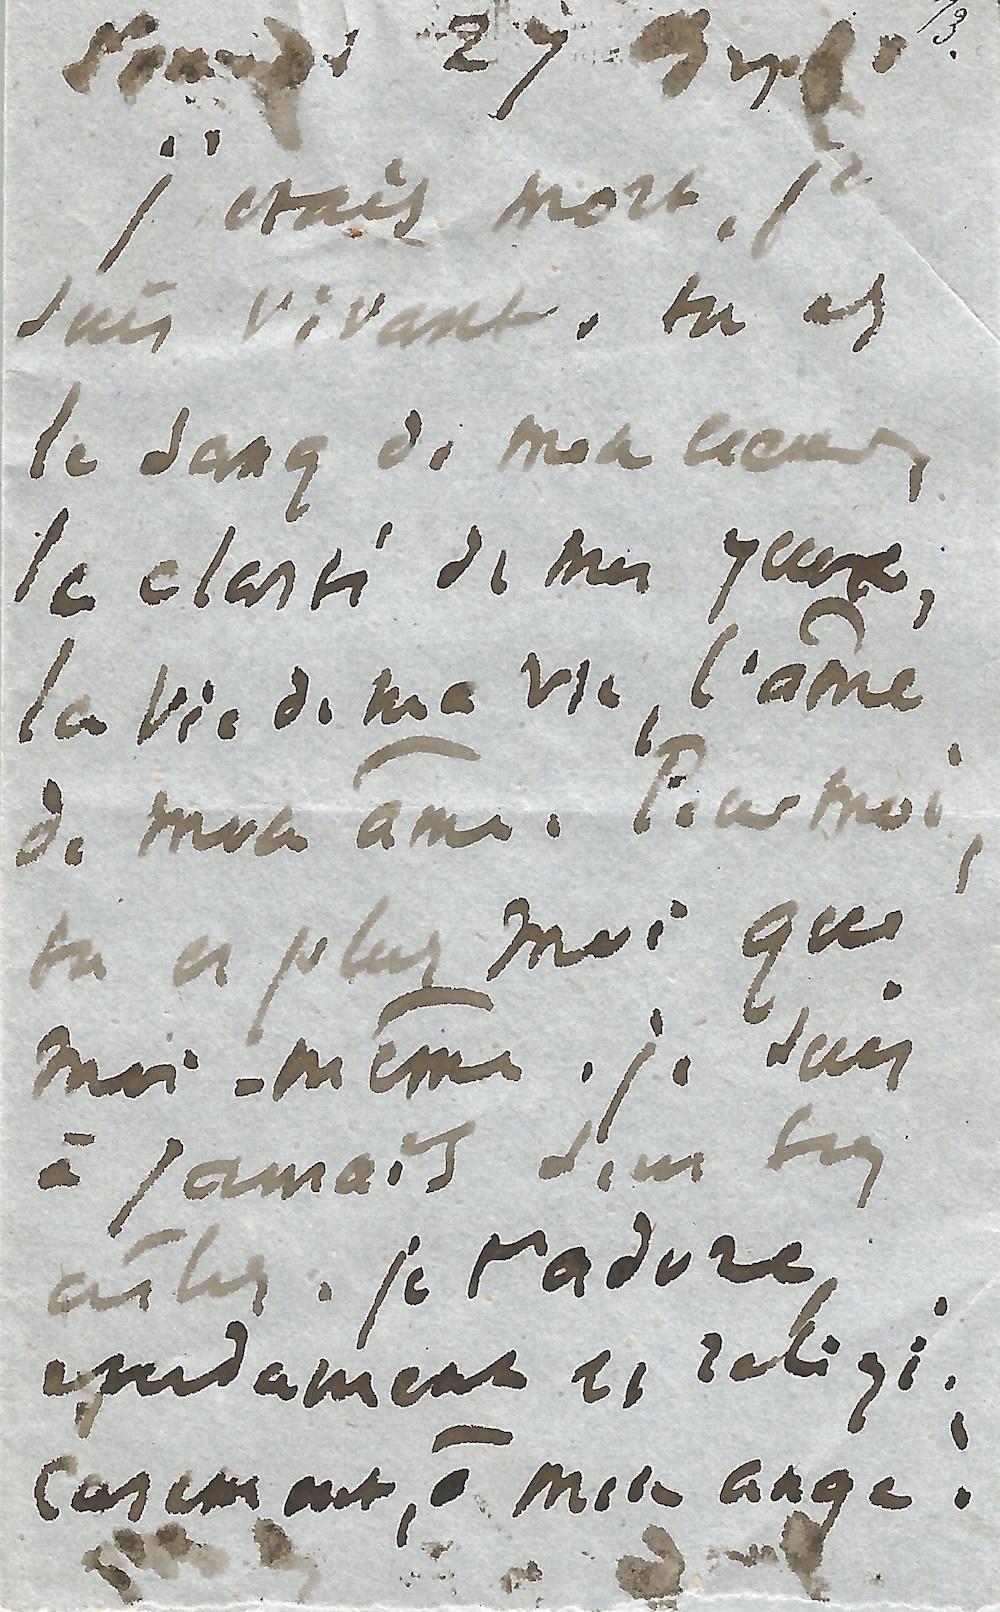 passion - amour - lettre - écrit - philosophe - écrivain - connues - déclaration